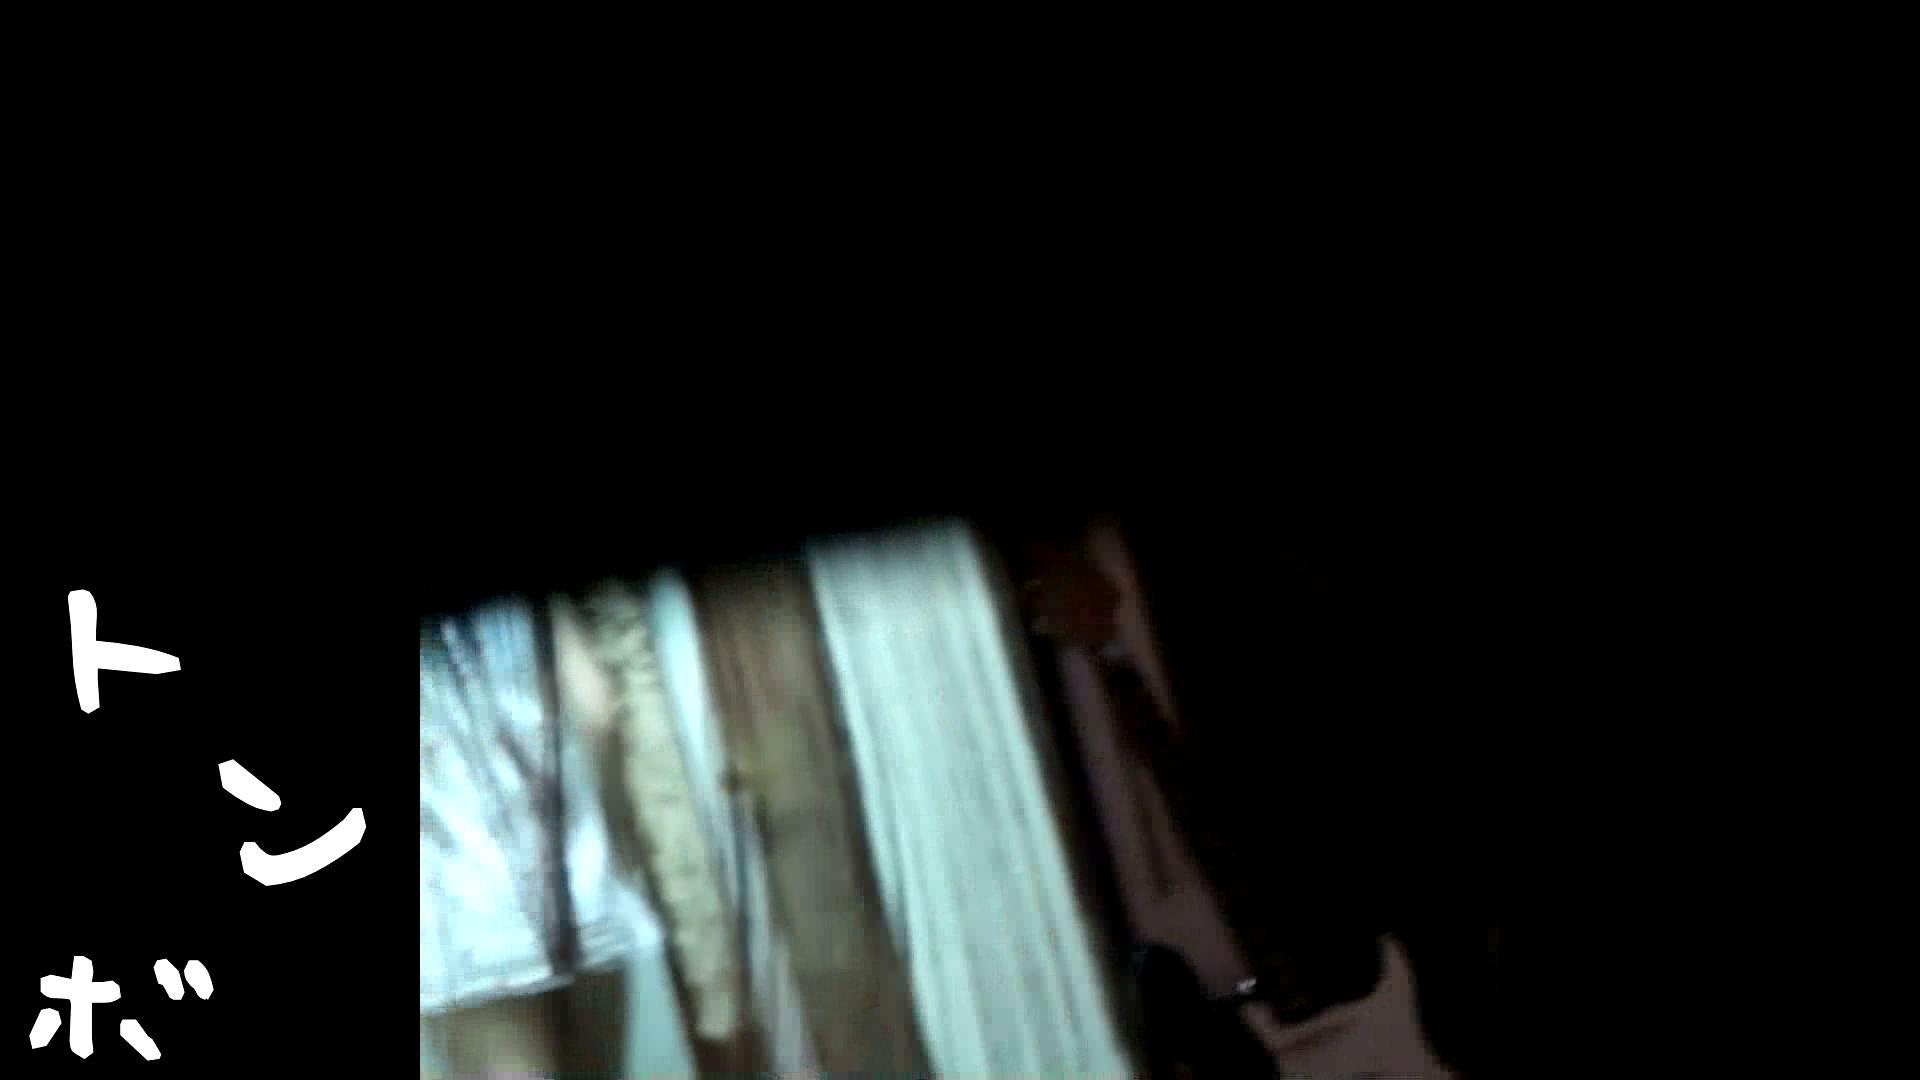 リアル盗撮 むっちりお女市さんの私生活ヌード 潜入エロ調査   高画質  78連発 32